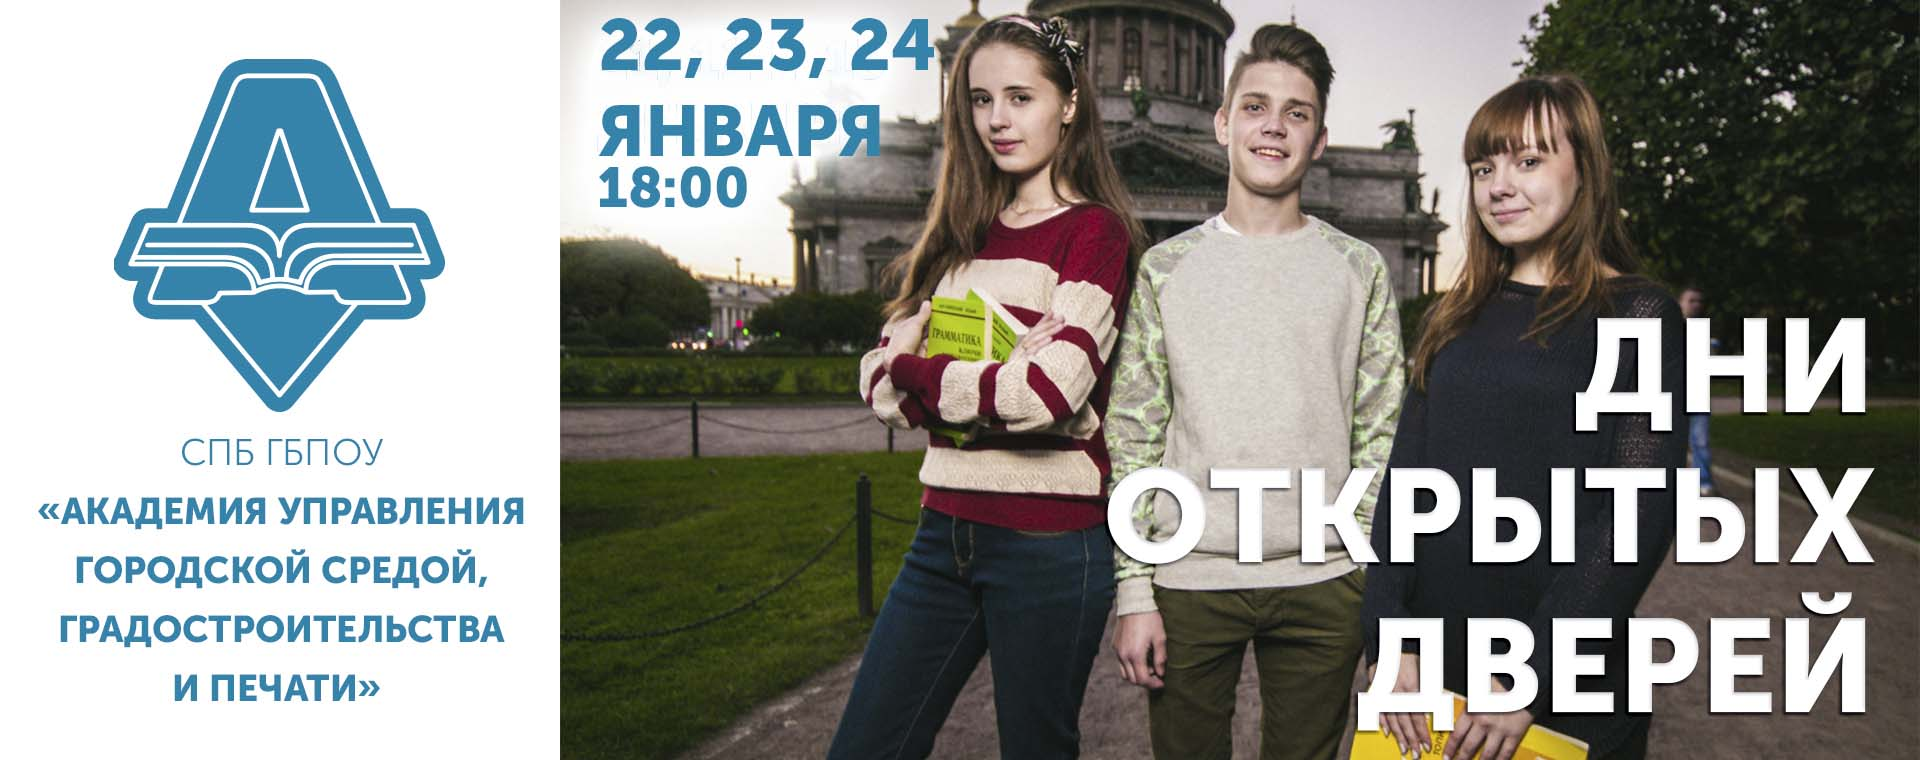 open-0119